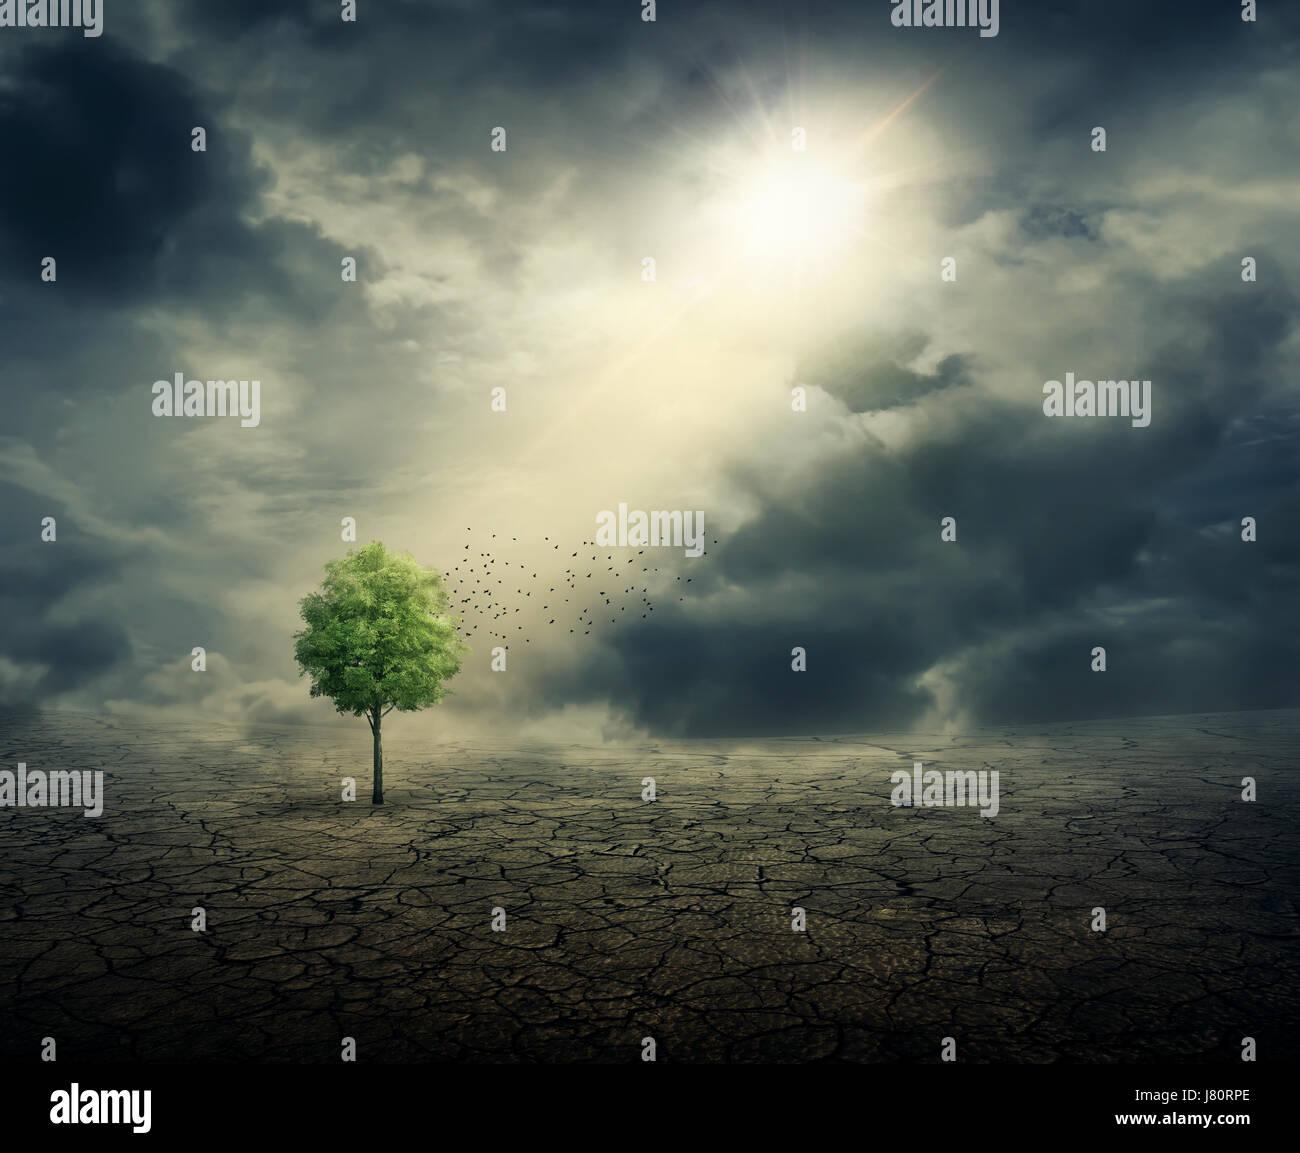 Grüner Baum wächst unter geknackt Wüstenboden, mit den Sonnenstrahlen darauf gießen. Leben Ökologie, Stockbild